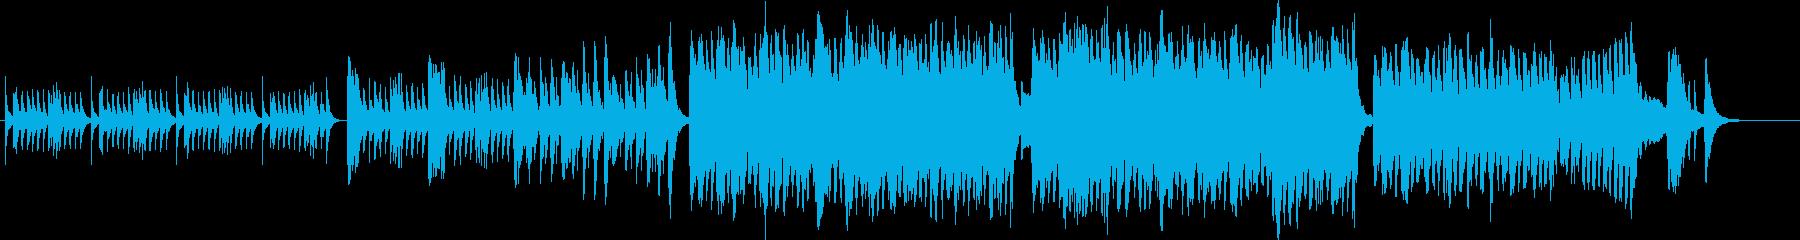 琴のアップテンポで緊迫感ある和風曲の再生済みの波形